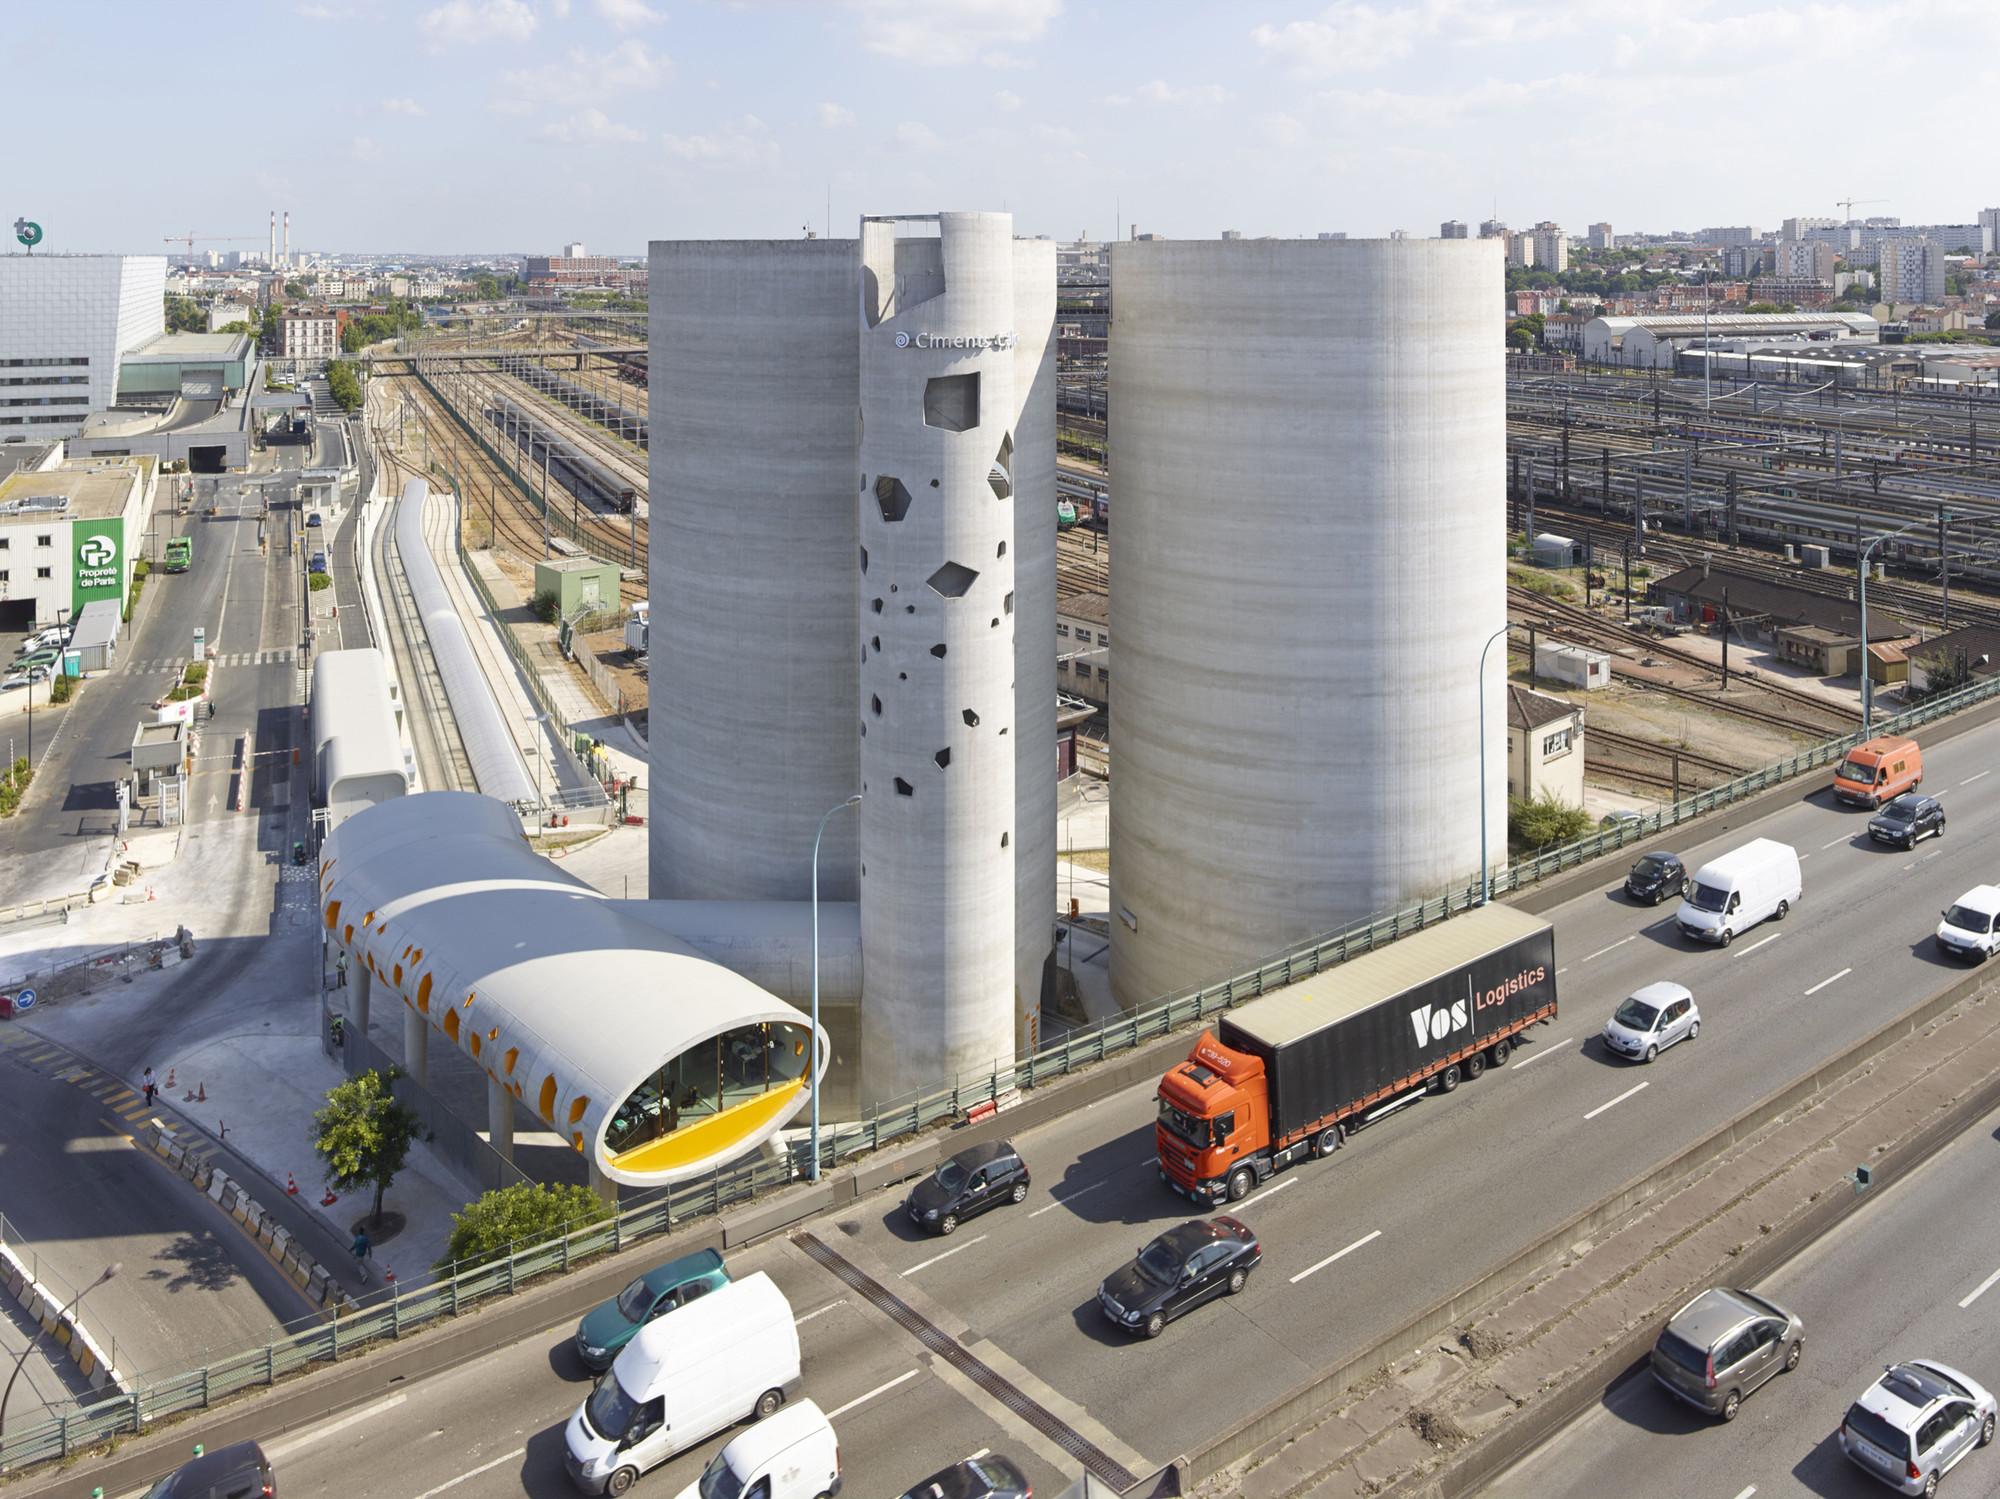 Silos 13 / vib architecture, © Stéphane Chalmeau